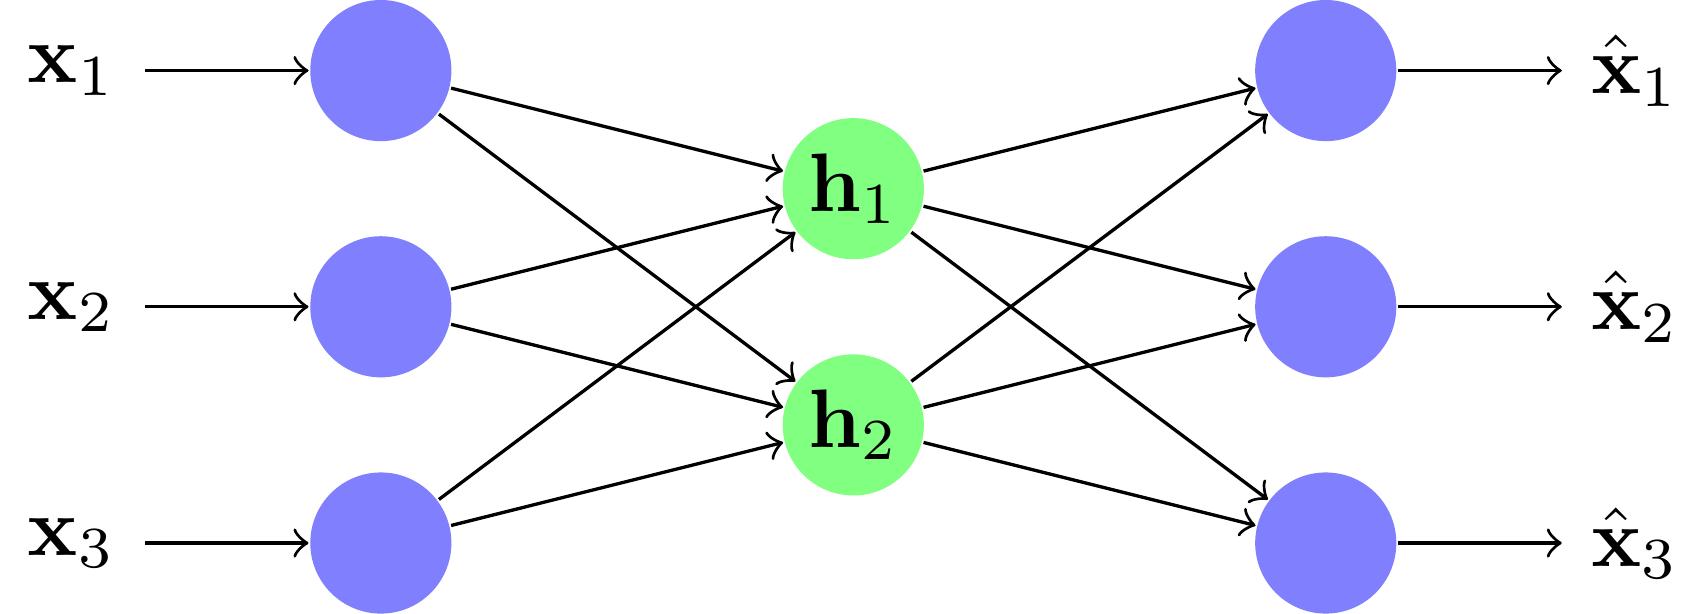 Un exemple de réseau under-complete